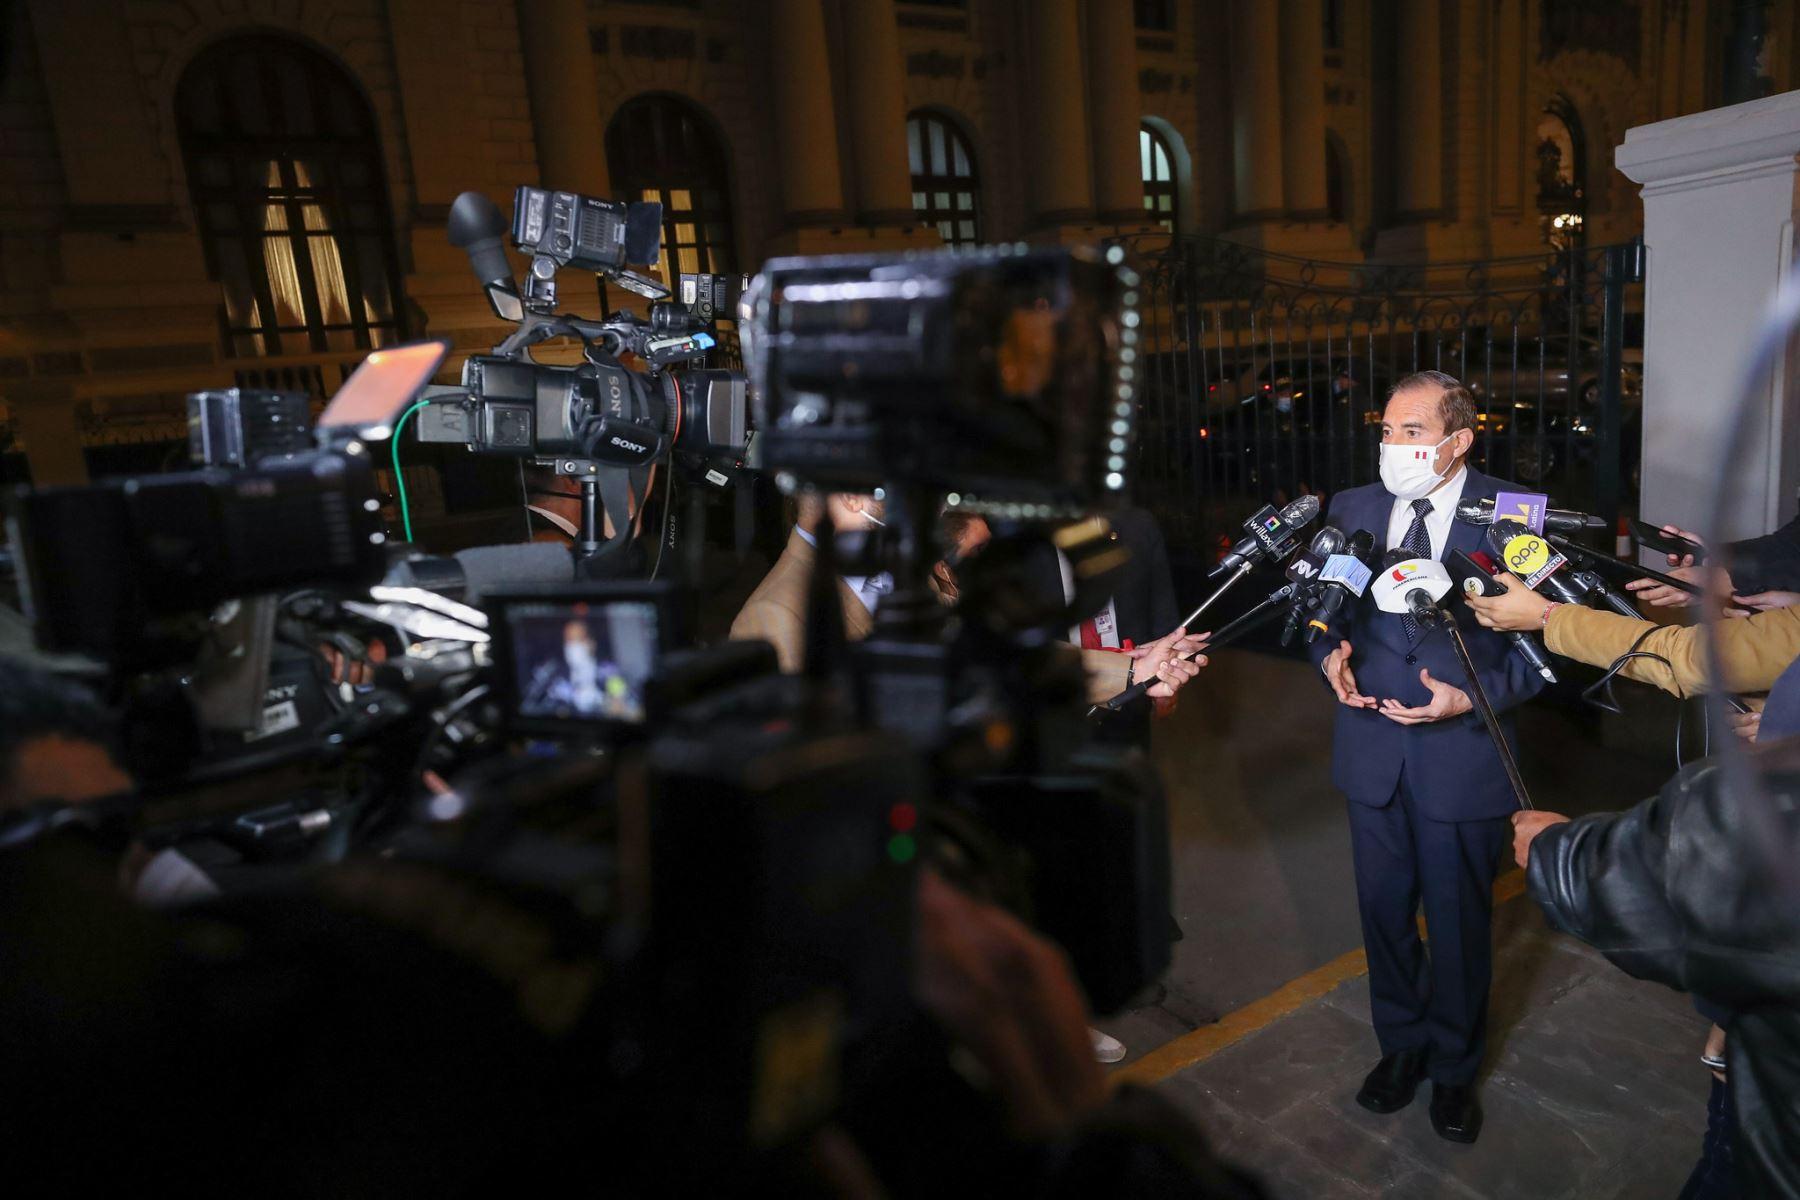 El jefe del Gabinete Ministerial, Walter Martos, llegó al Parlamento para sostener una reunión con el presidente del Congreso, Manuel Merino, a fin de avanzar en la coordinación conjunta de temas que permitan solucionar los problemas que afectan a la población. Foto: PCM